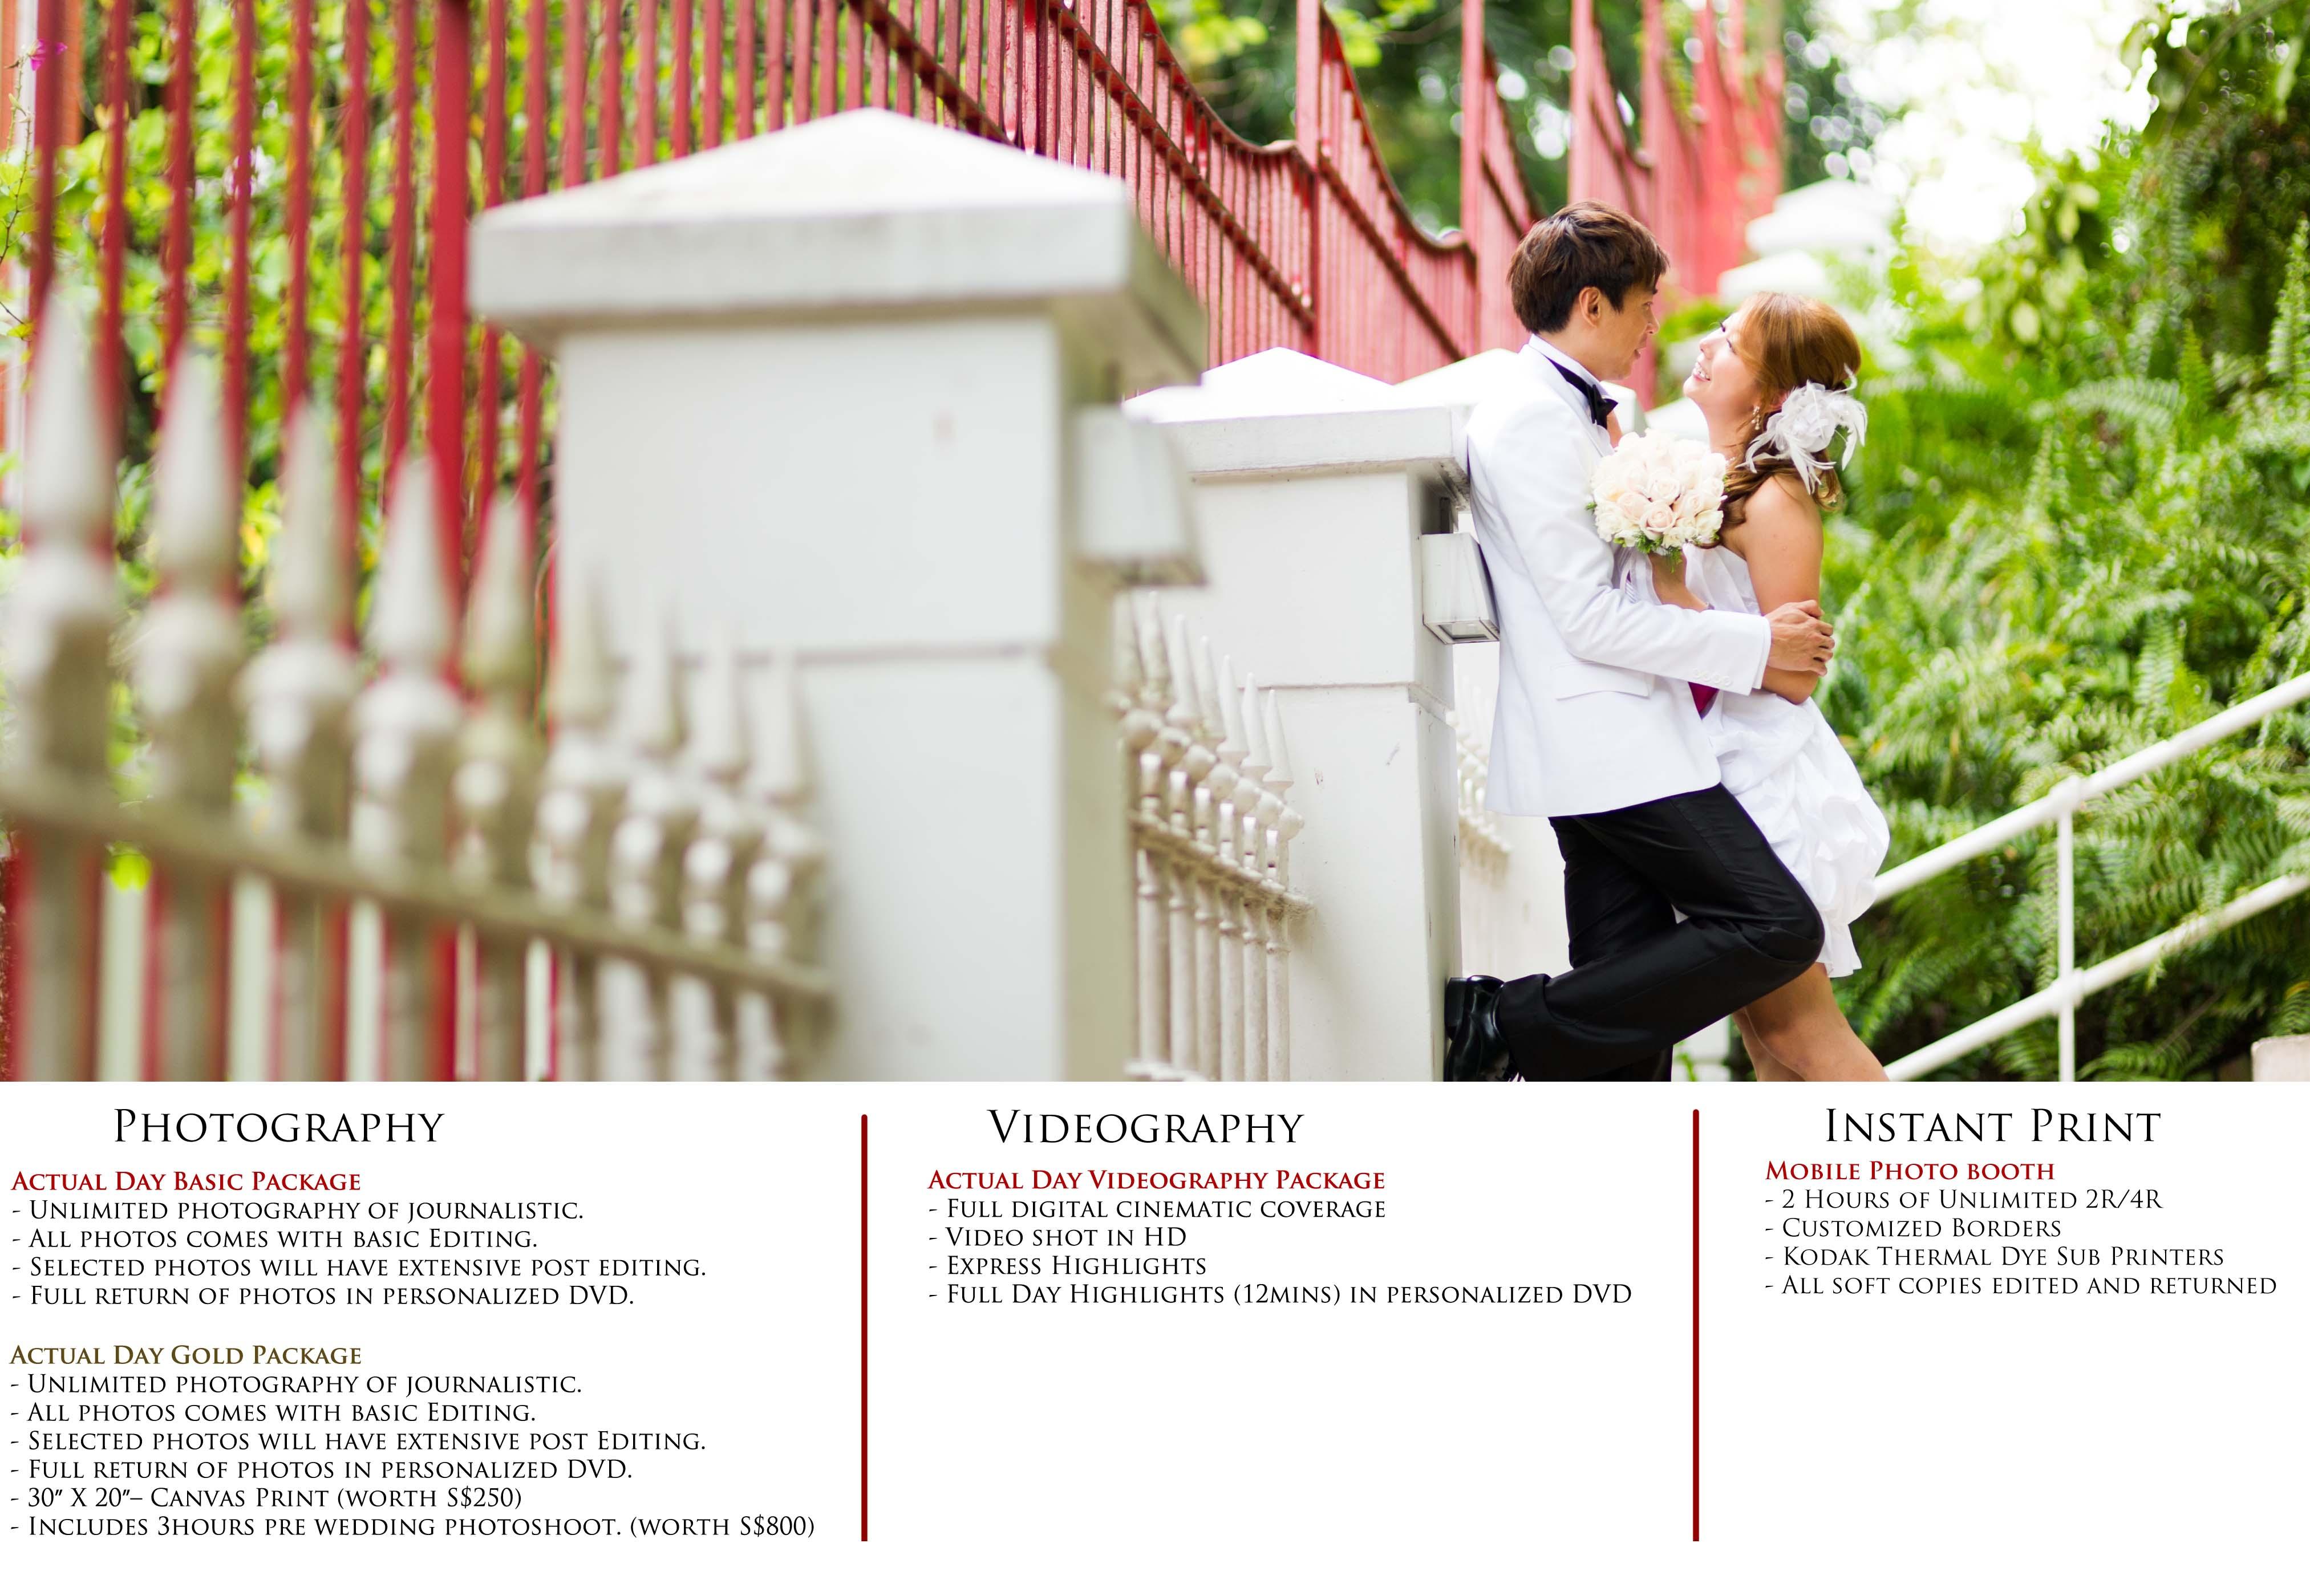 2012 Q1 Price plan